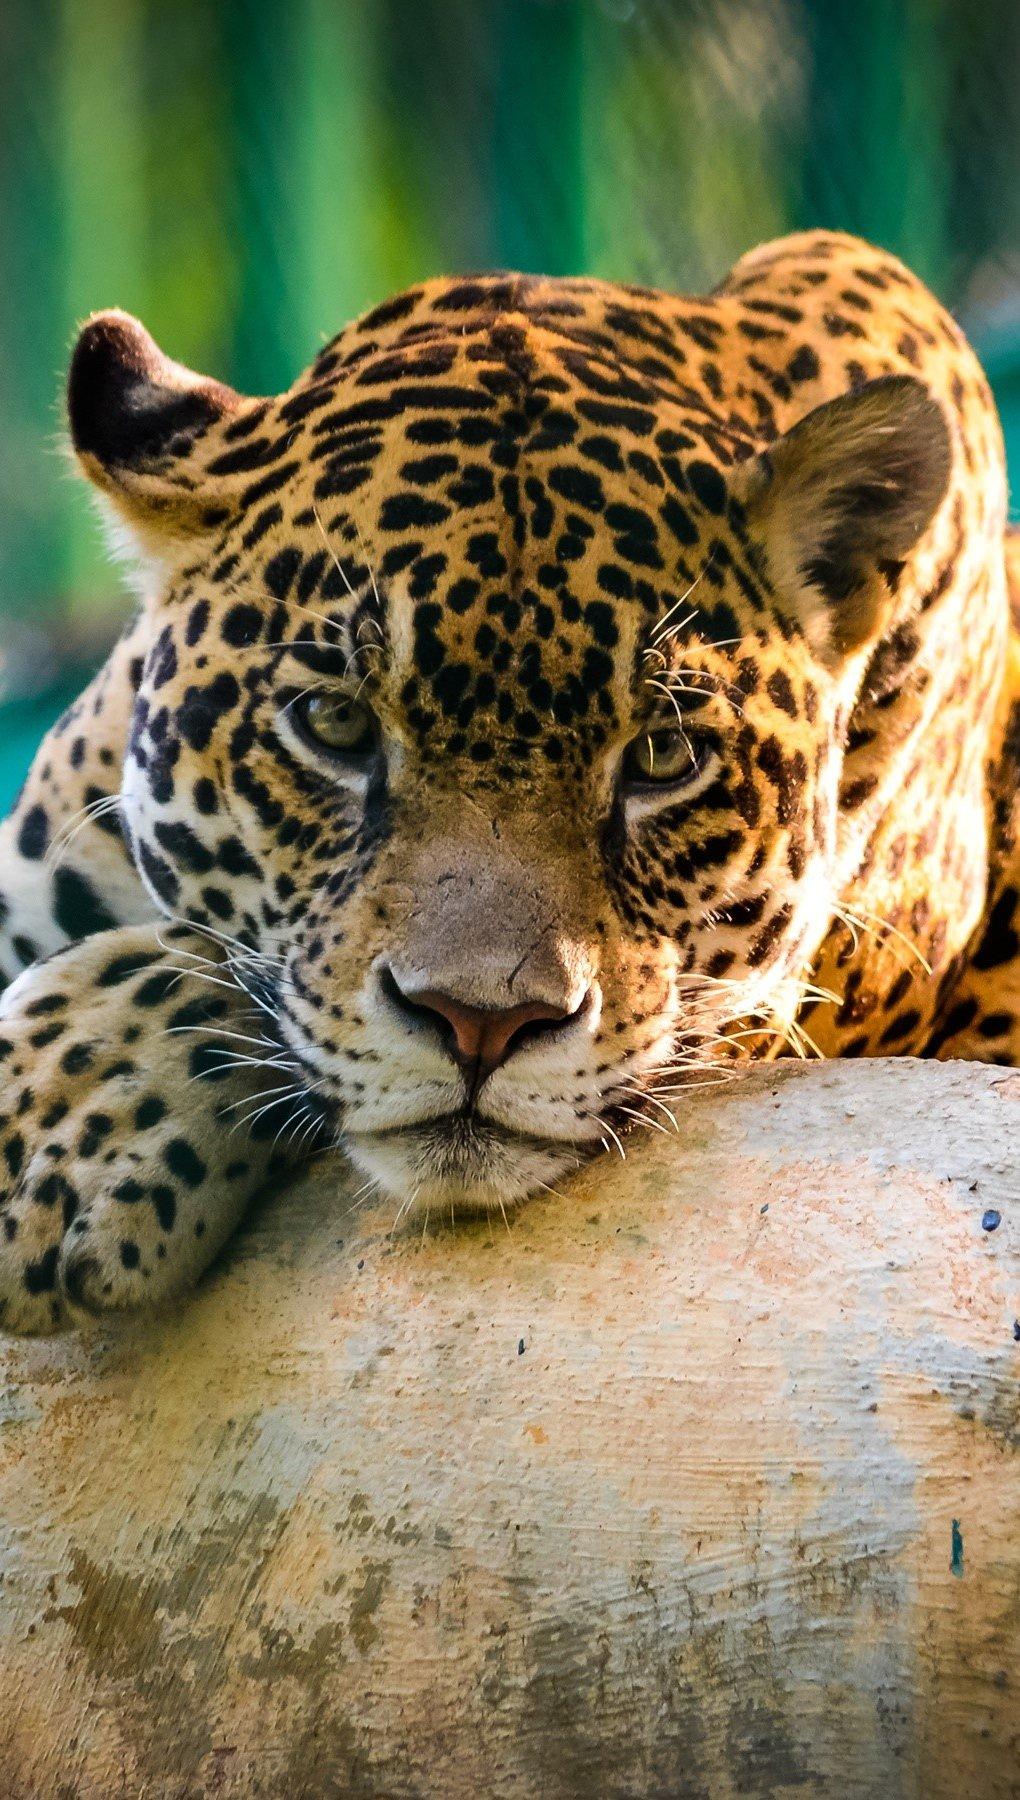 Wallpaper A jaguar in Mexico Vertical